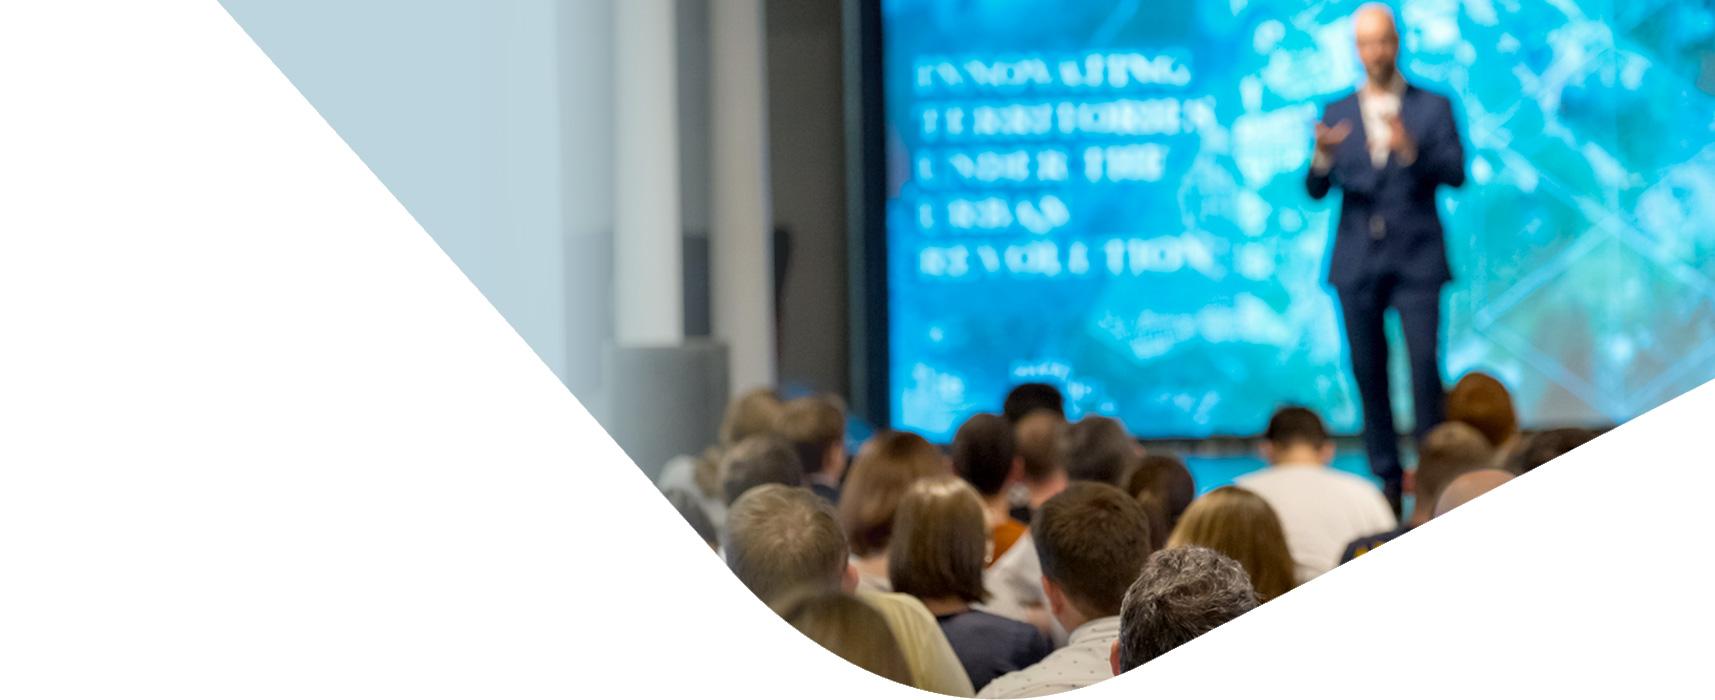 Bienvenue à l'EACim Académie Européenne d'Implantologie Céramique, pour partager son savoir-faire en implantologie céramique : formations, documenthèque scientifique...